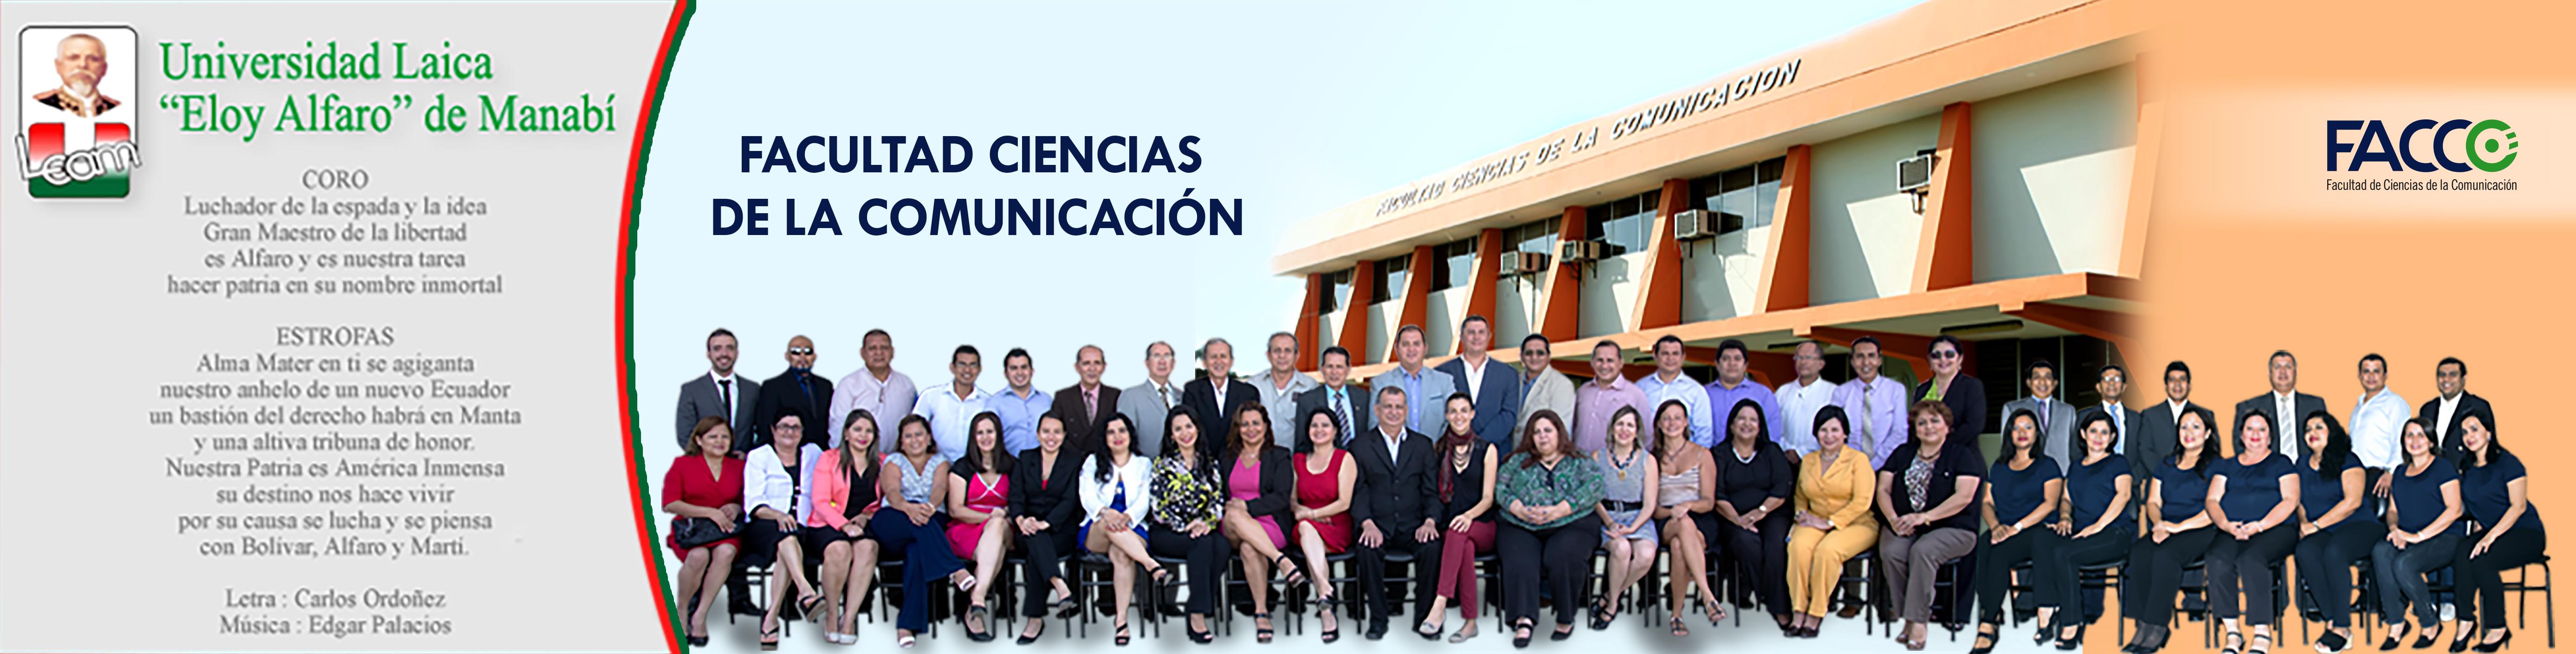 Facultad Ciencias de la Comunicacion